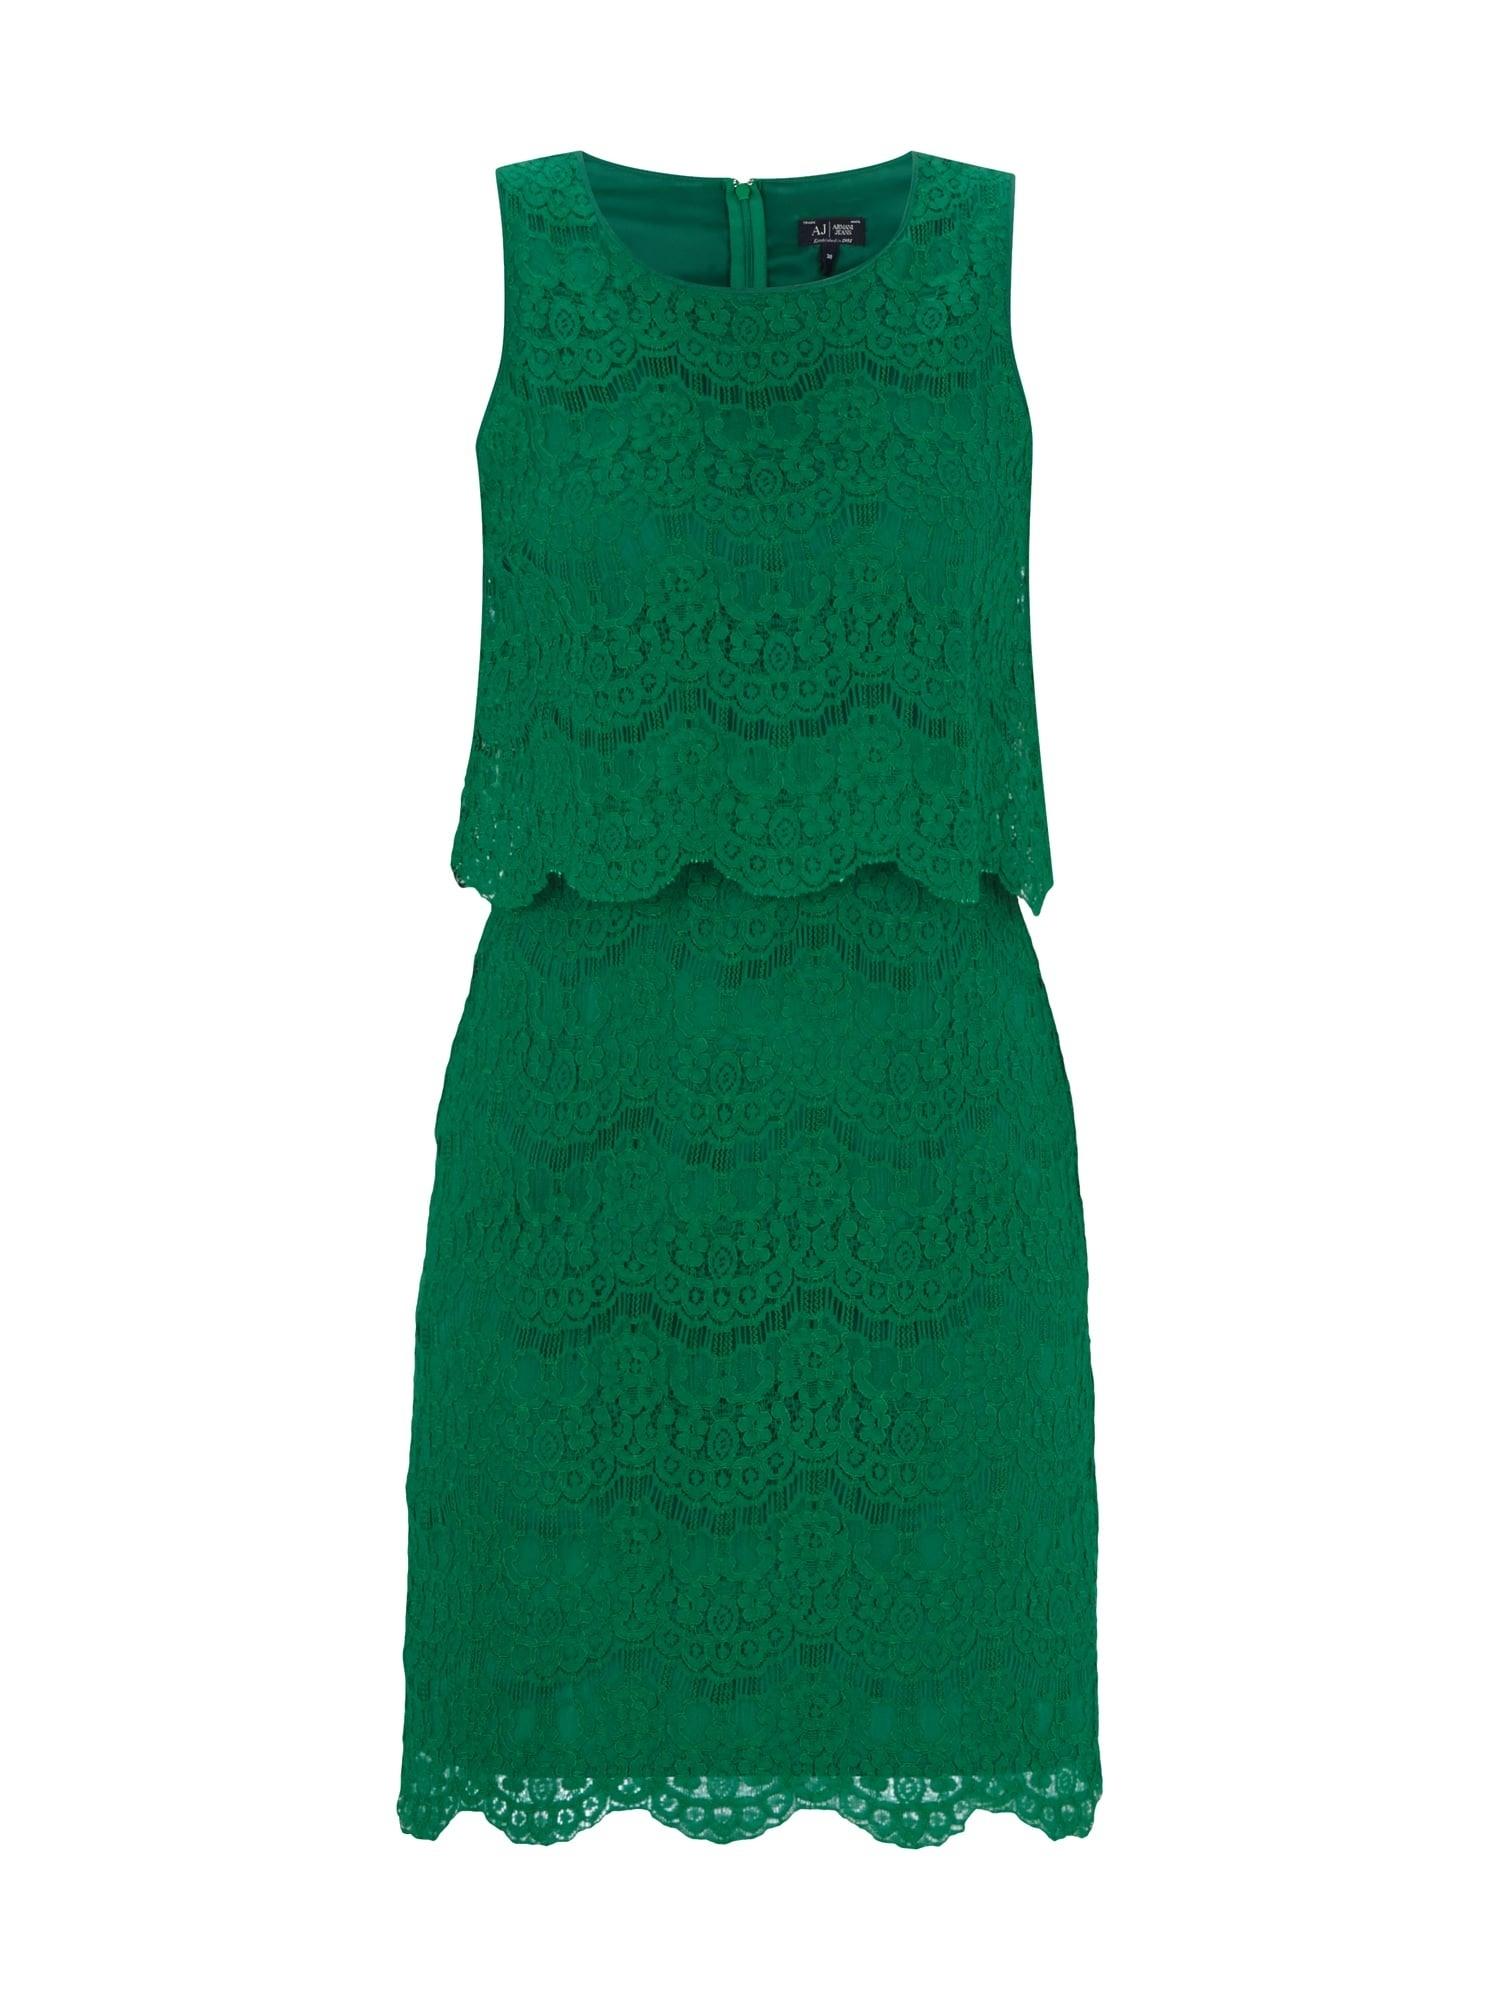 Formal Cool Grünes Kleid Mit Spitze Ärmel10 Luxurius Grünes Kleid Mit Spitze Ärmel